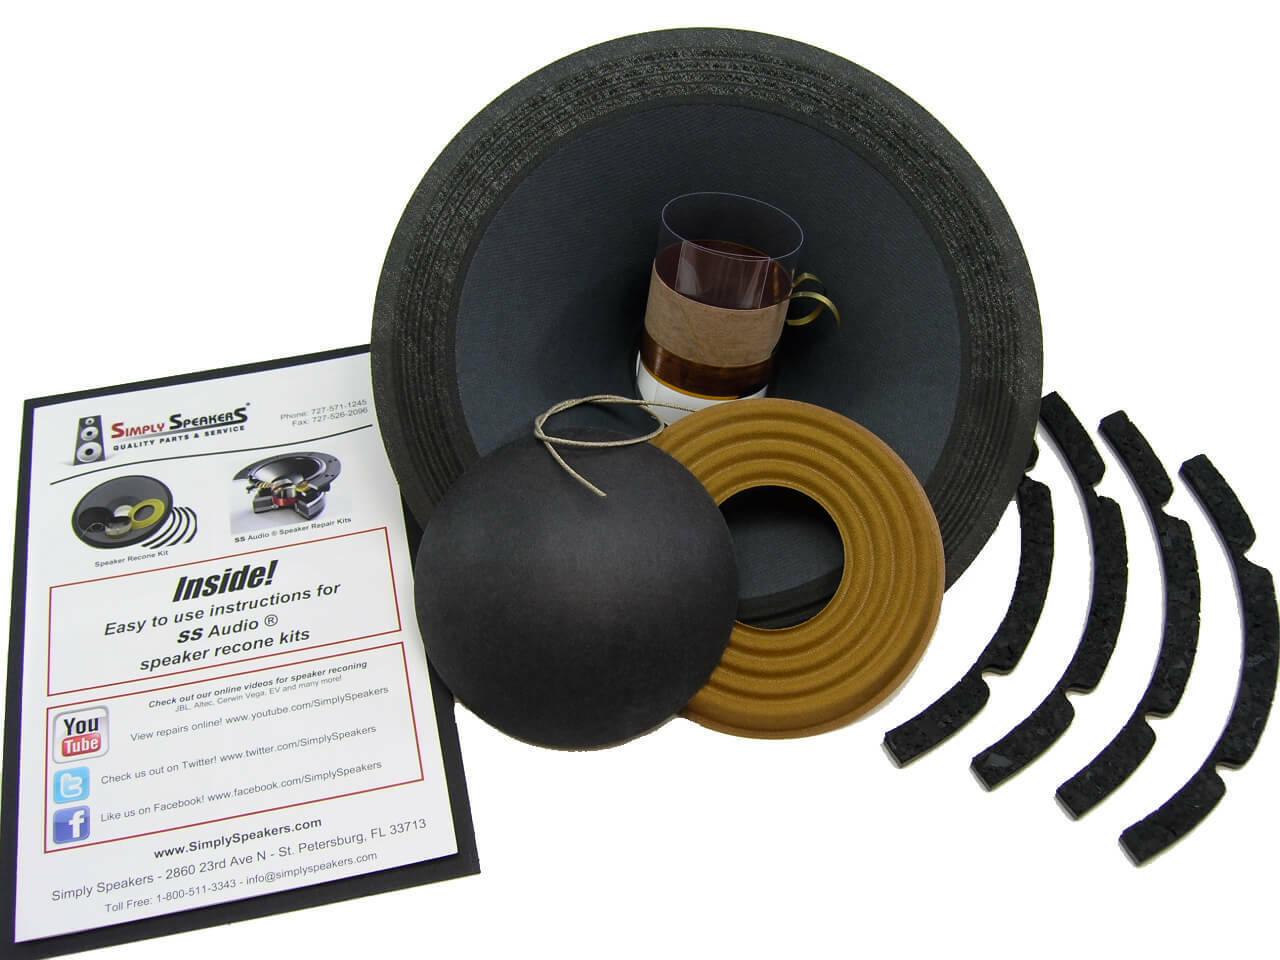 SS Audio Recone Kit for 10  Eden 2x10XL, 4X10XL, PAS BG1080C, 8 Ohms, RK-SWR10